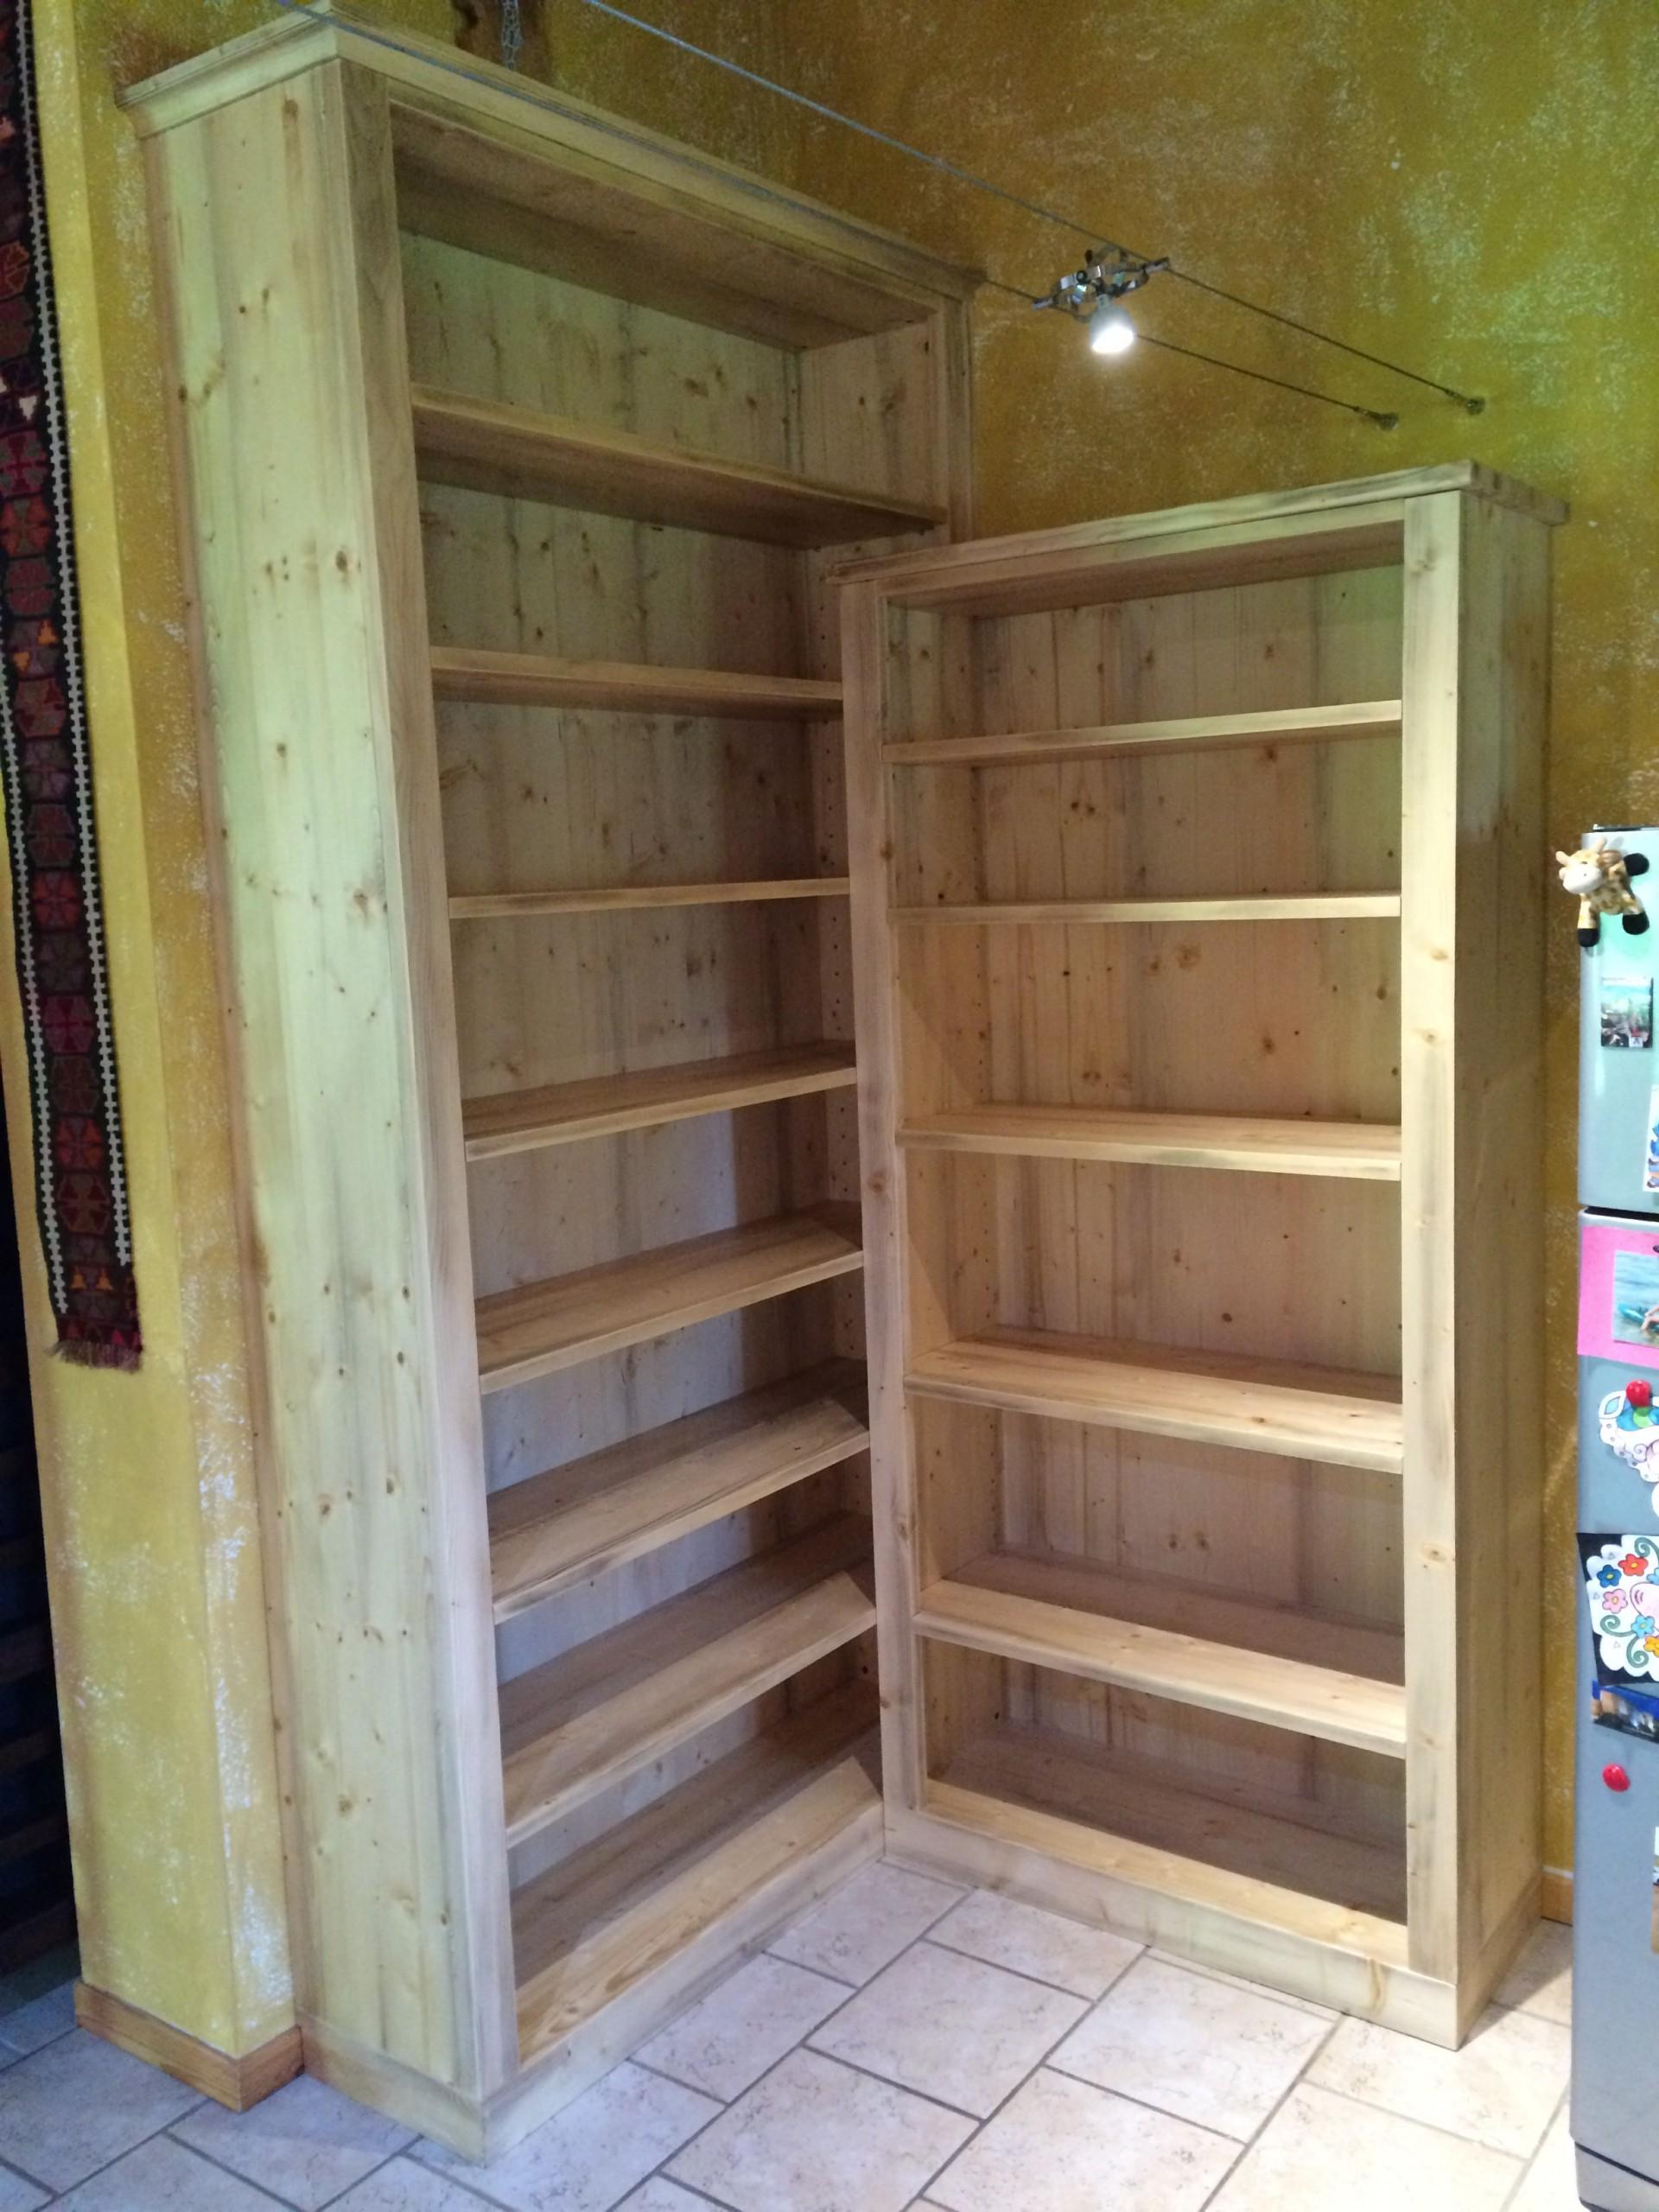 Libreria ad angolo in legno art. 933 | Fadini Mobili Cerea Verona